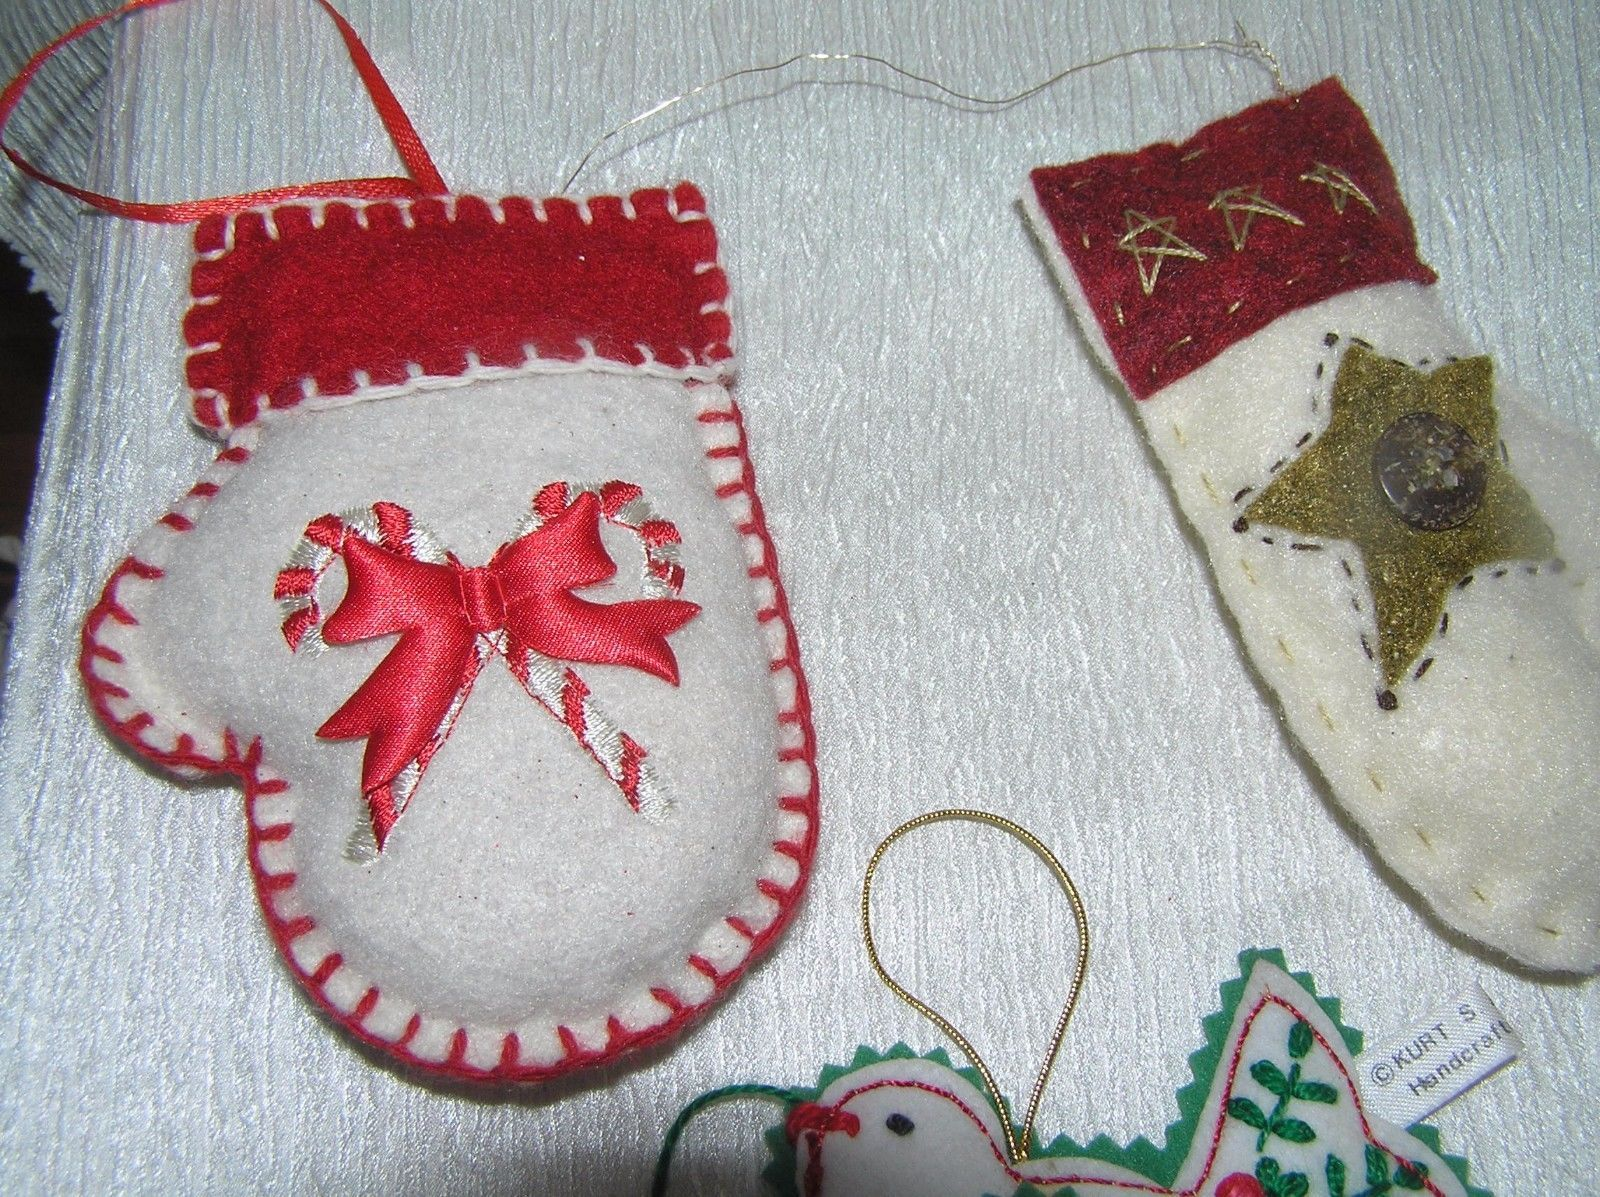 Lot of 3 White & Red Felt Snow Mittens & Kurt S. Adler Peace Dove w Heart Christ